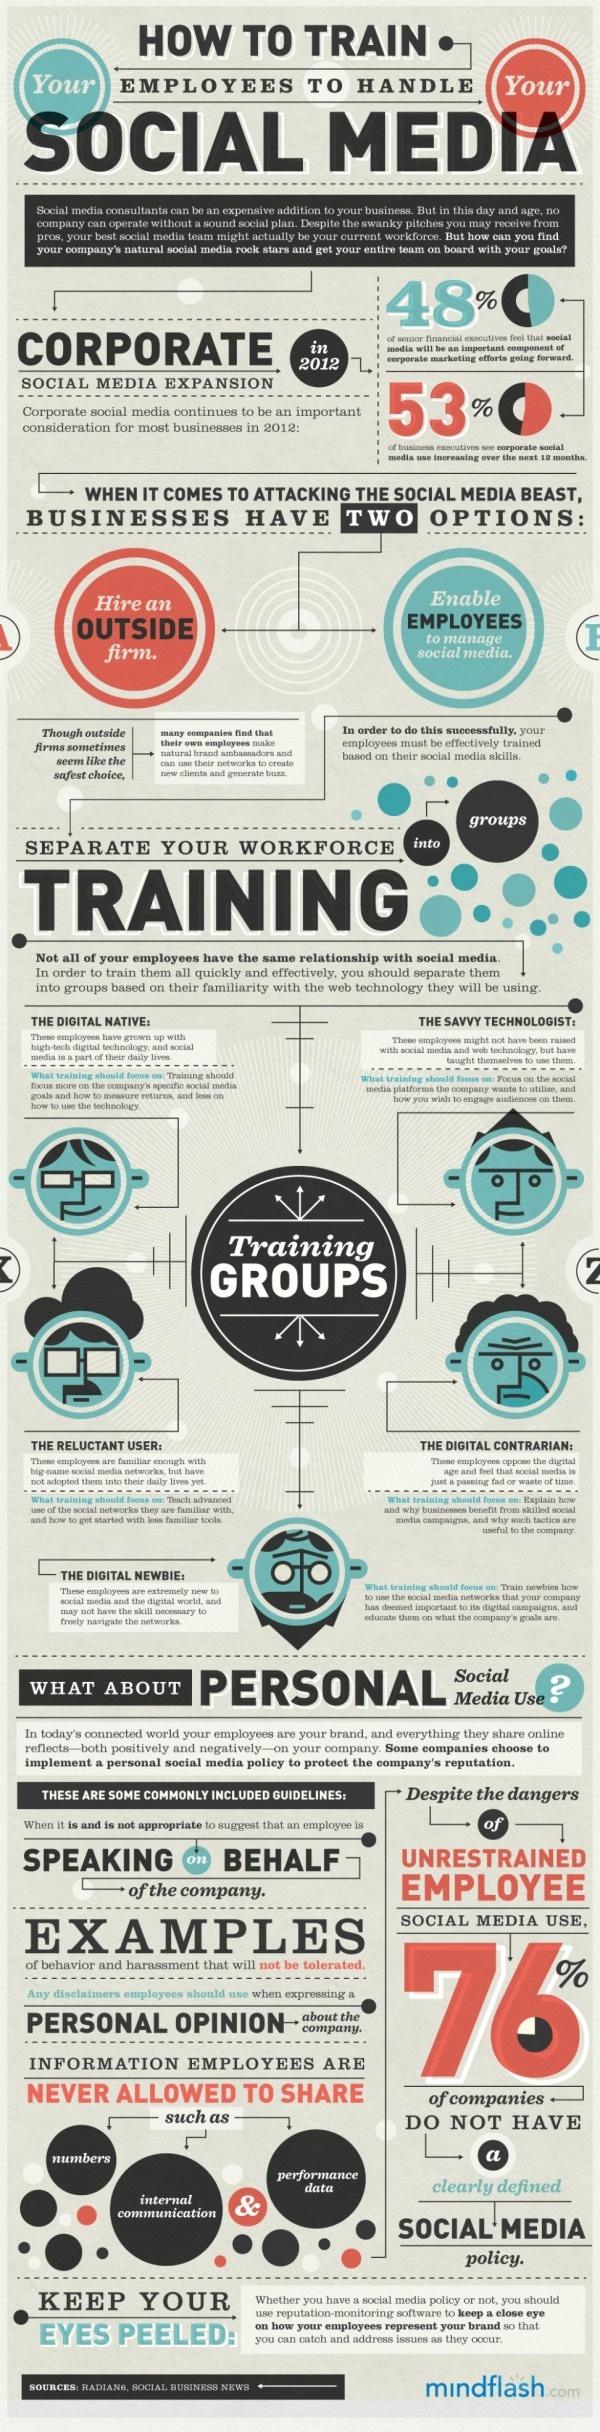 Esta  Infografía de Mindflash, diseñada por Column Five, examina los consejos y trucos sobre cómo entrenar adecuadamente a sus empleados para manejar el imperio de los medios de comunicación social de la empresa.